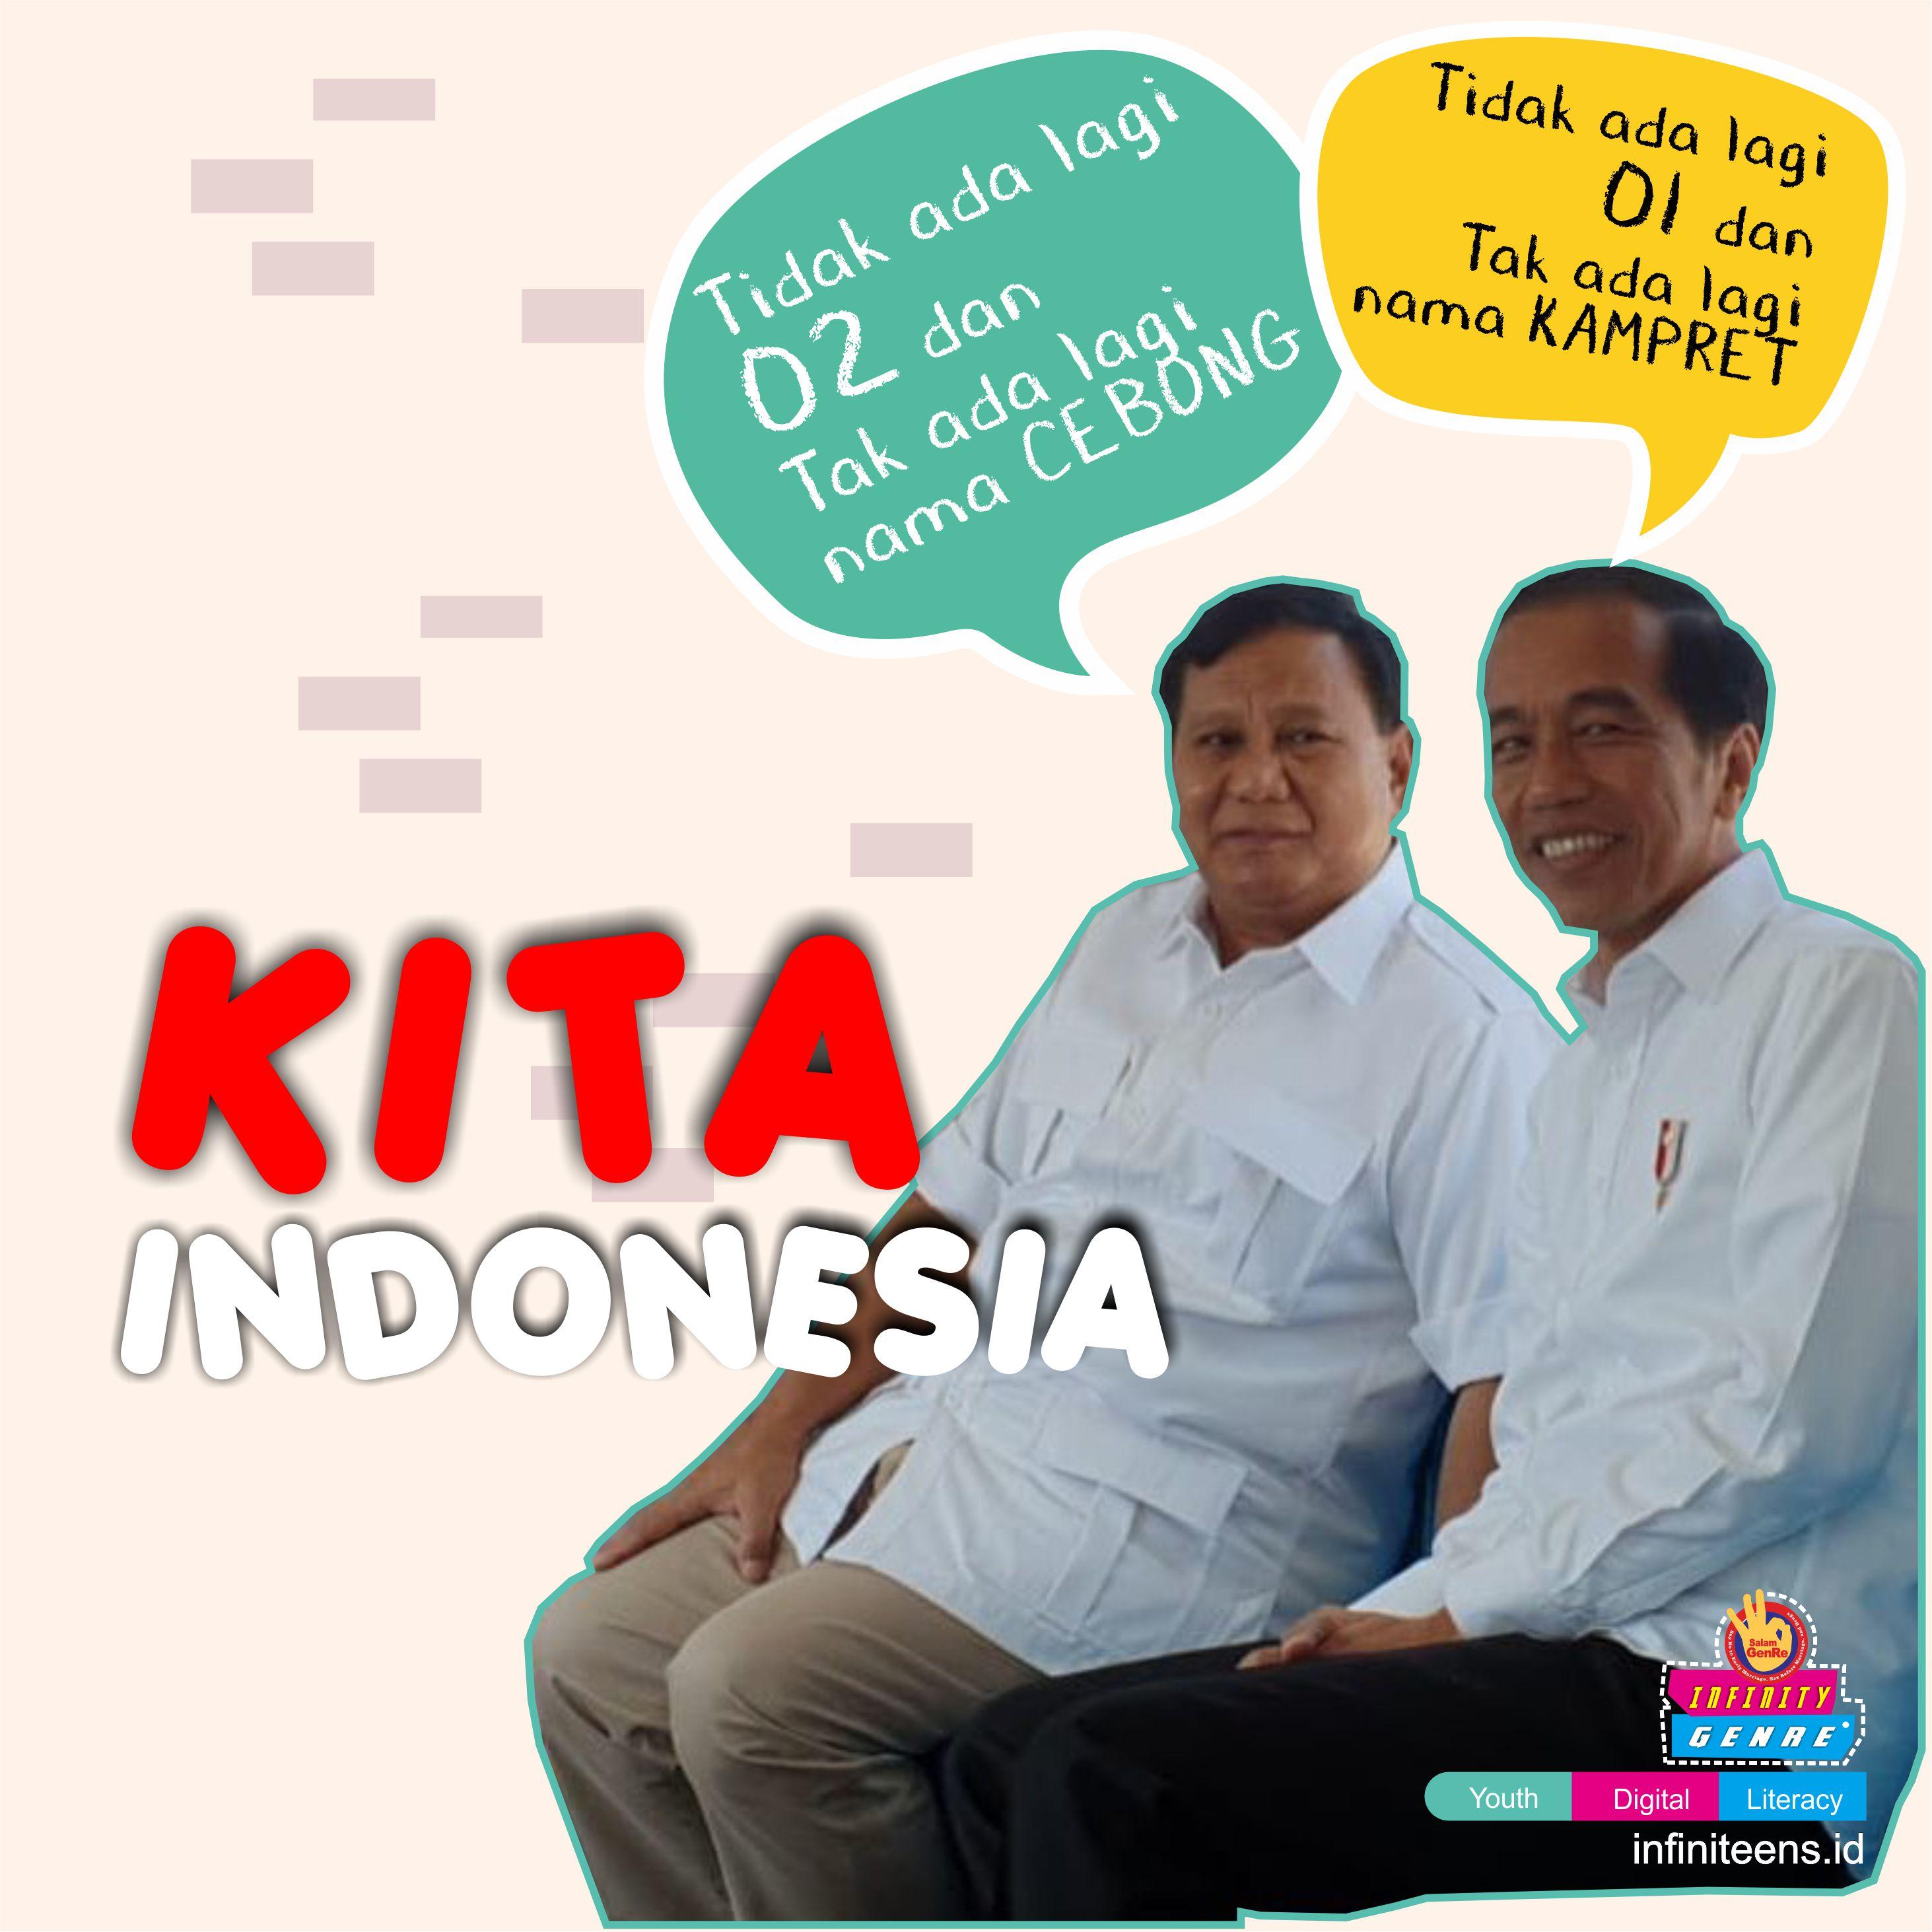 INDONESIA MAJU, ADIL DAN MAKMUR: Tidak Ada Lagi Cebong & Kampret